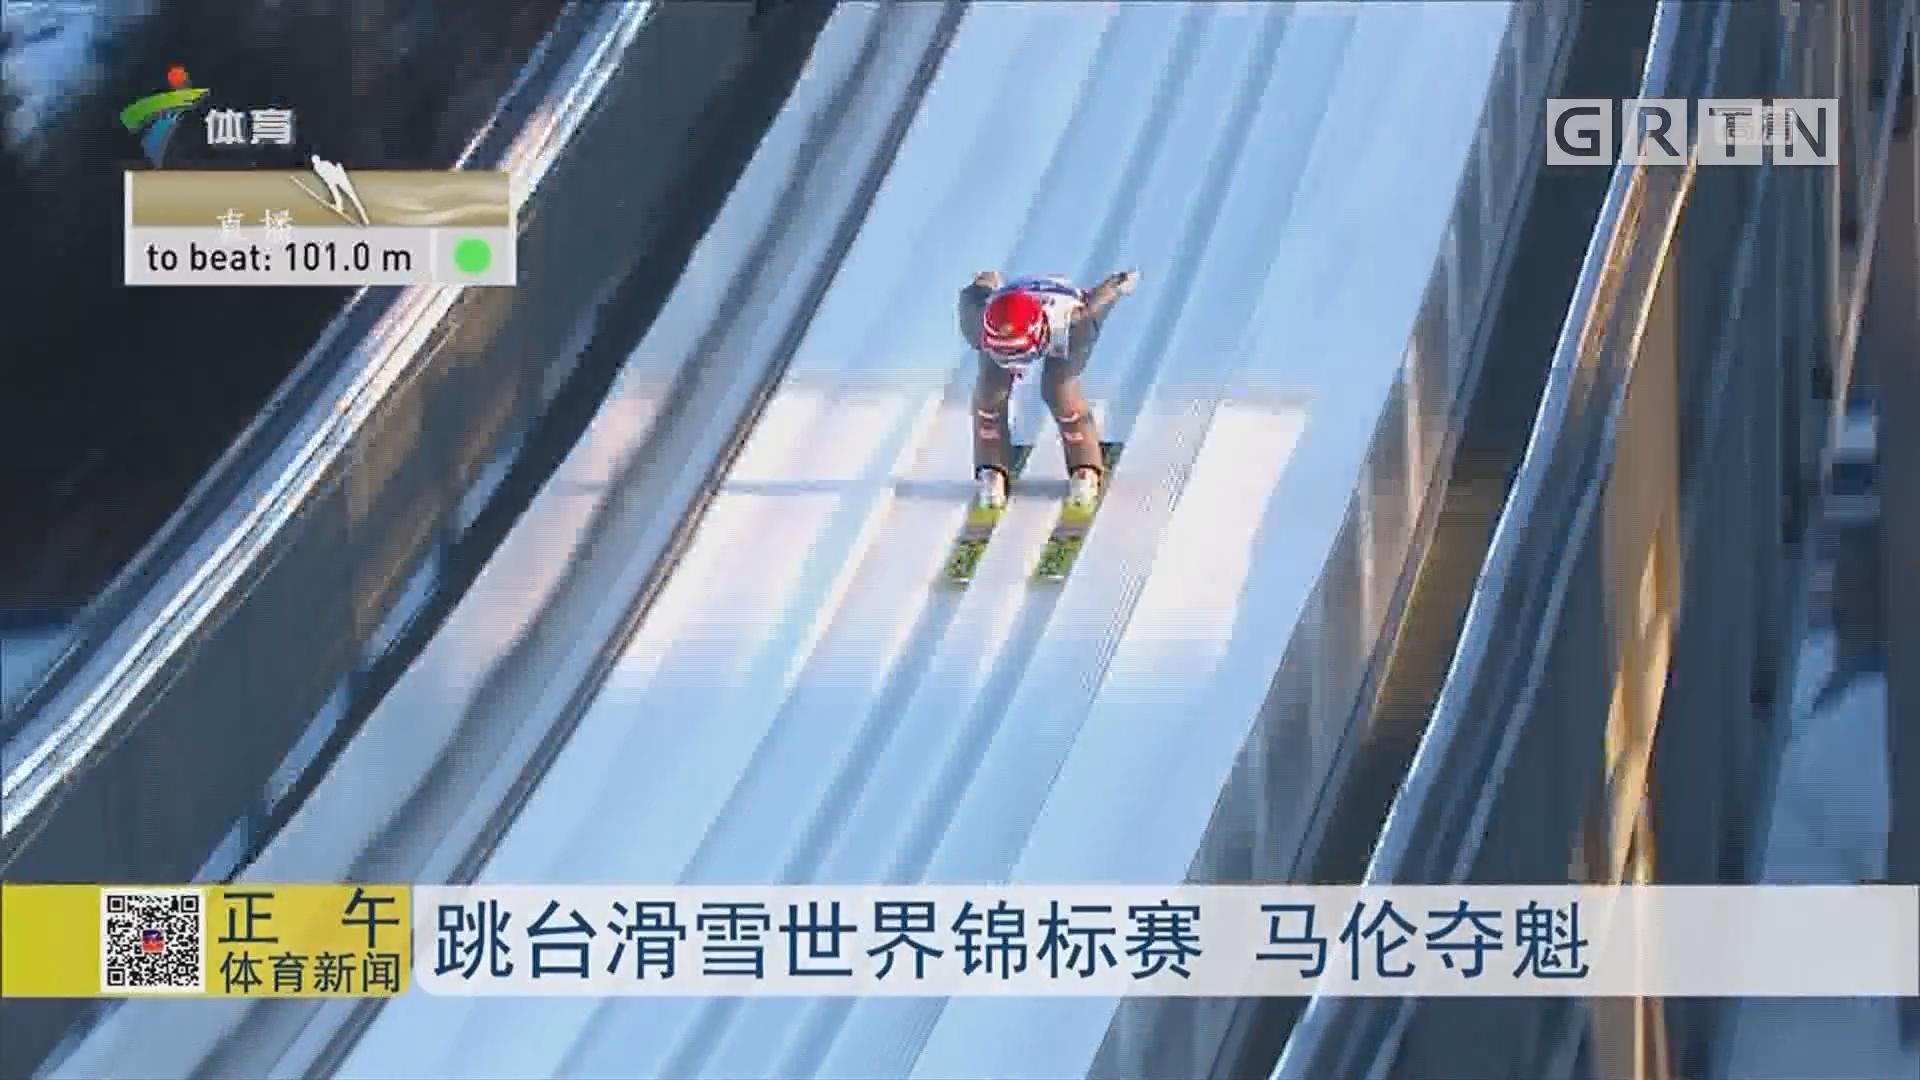 跳台滑雪世界锦标赛 马伦夺魁